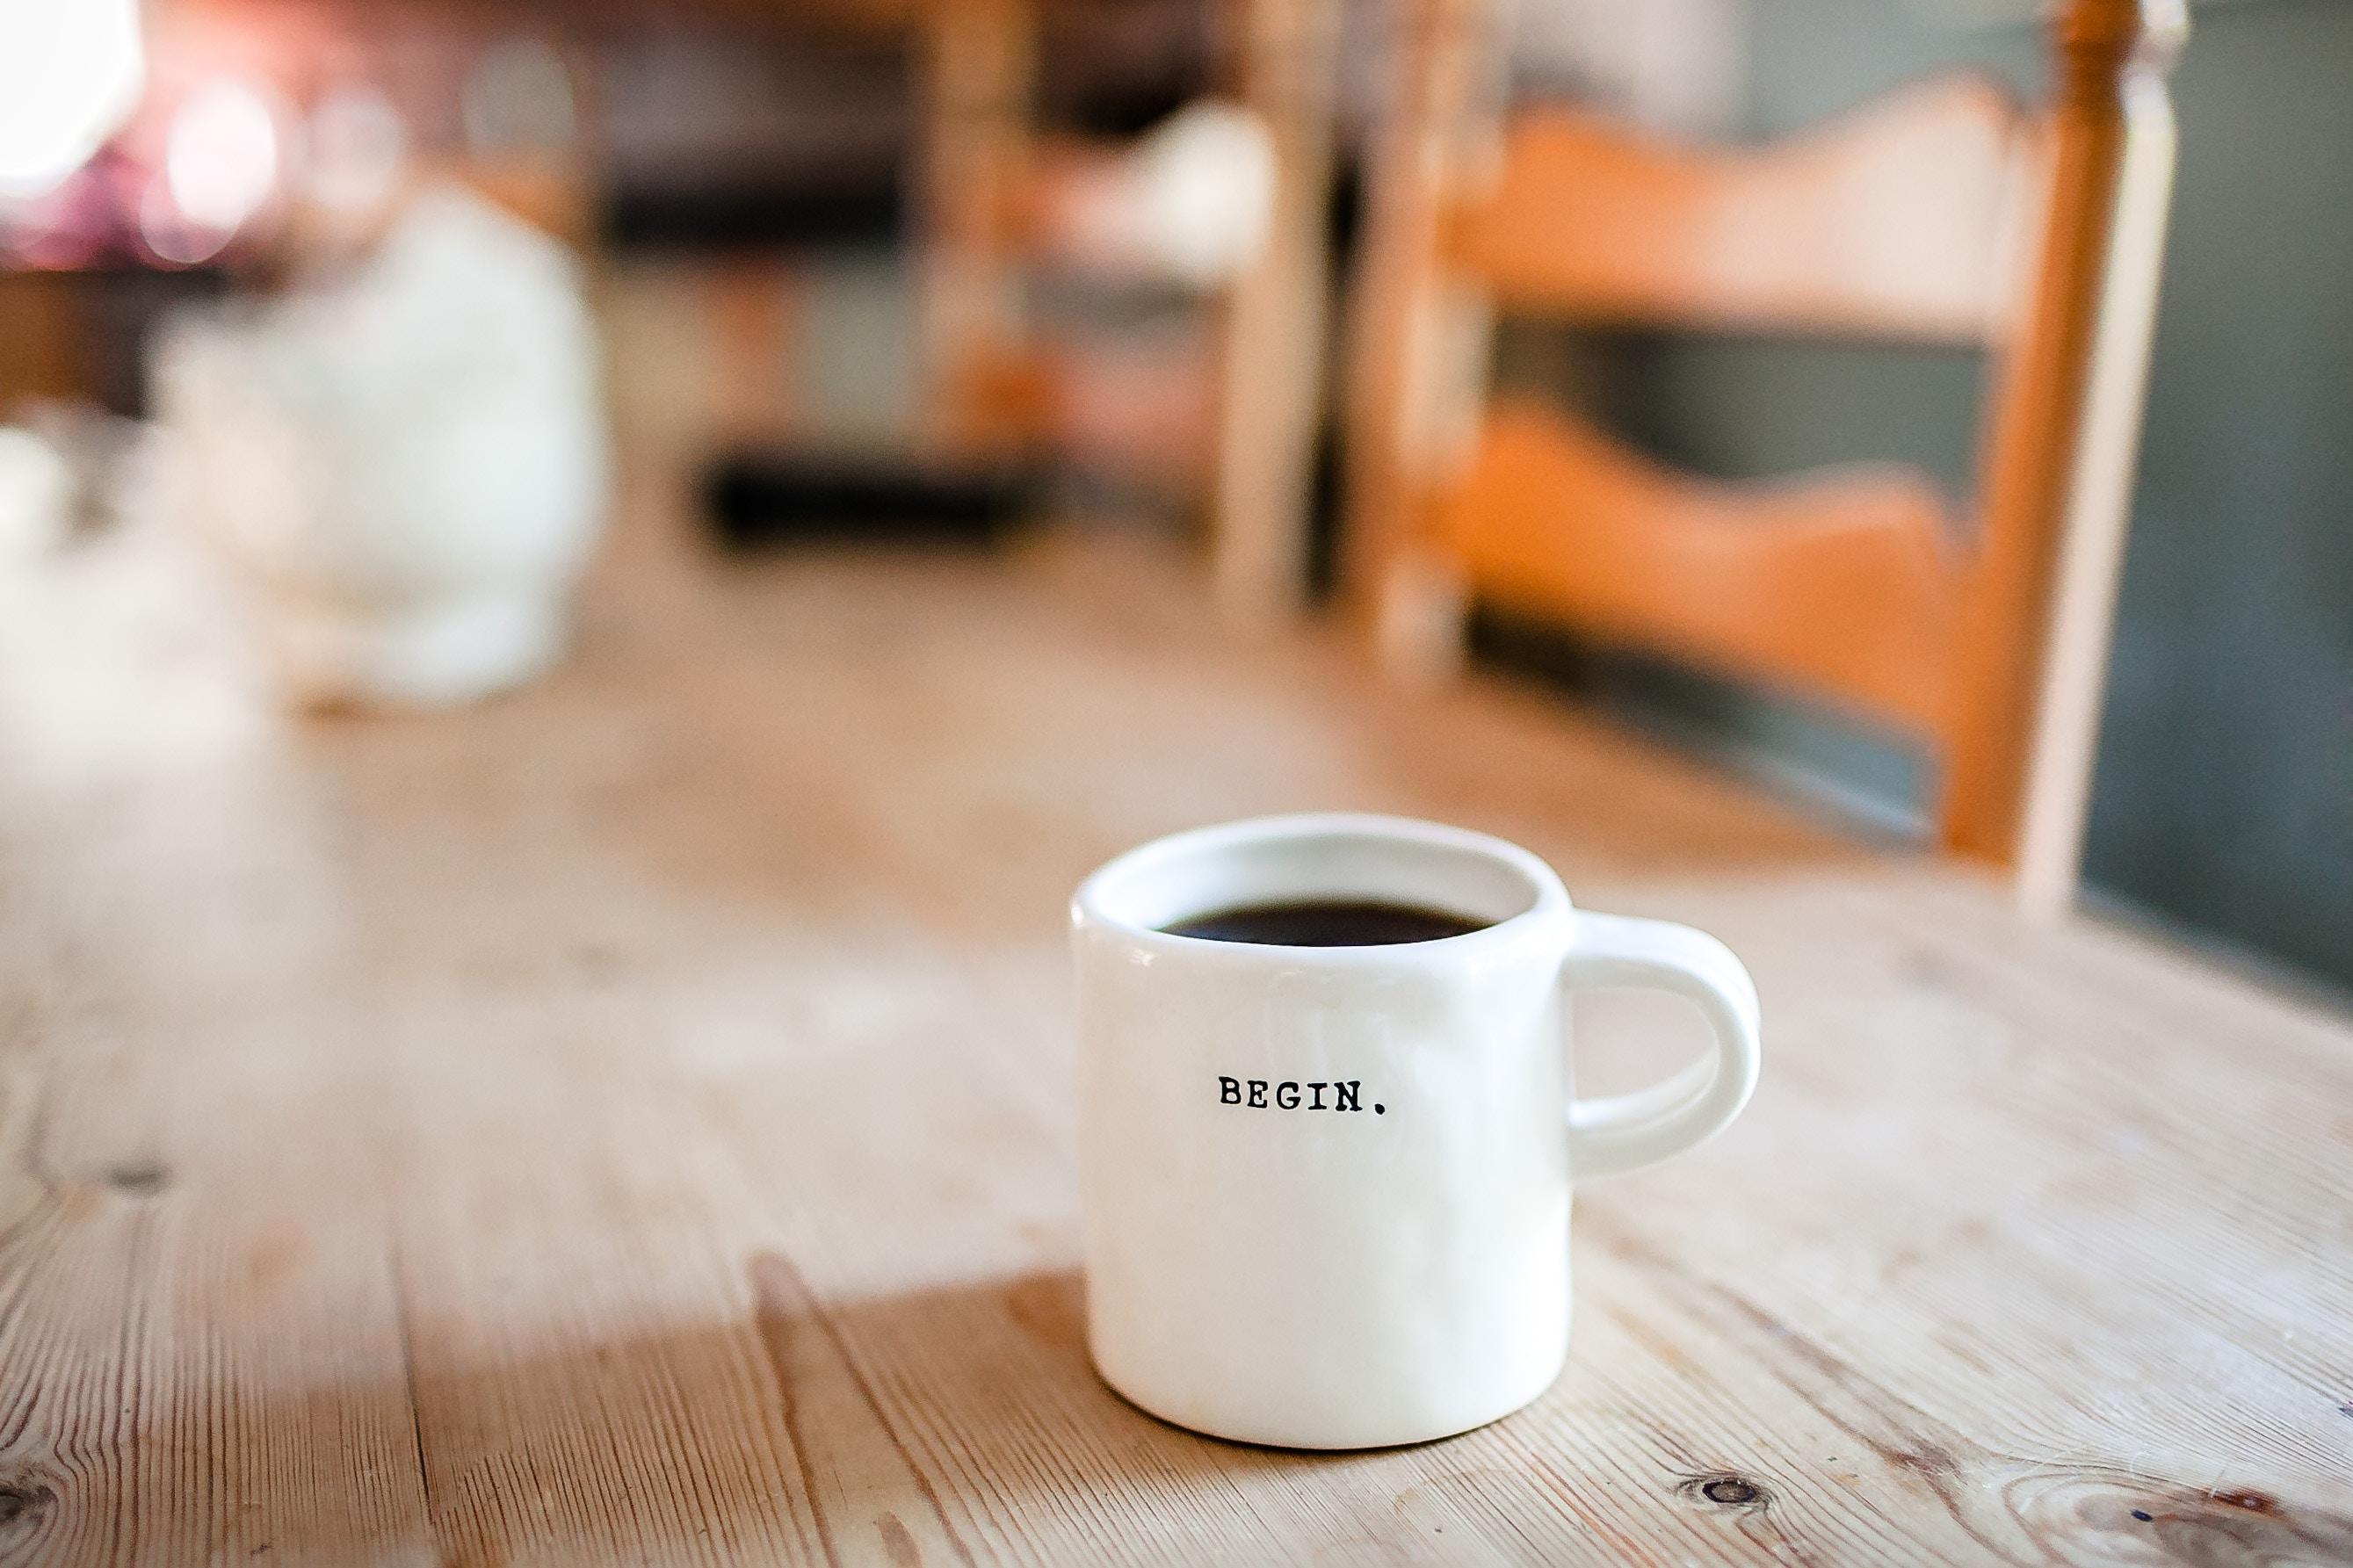 Coffee.Mug.danielle-macinnes-222441-unsplash